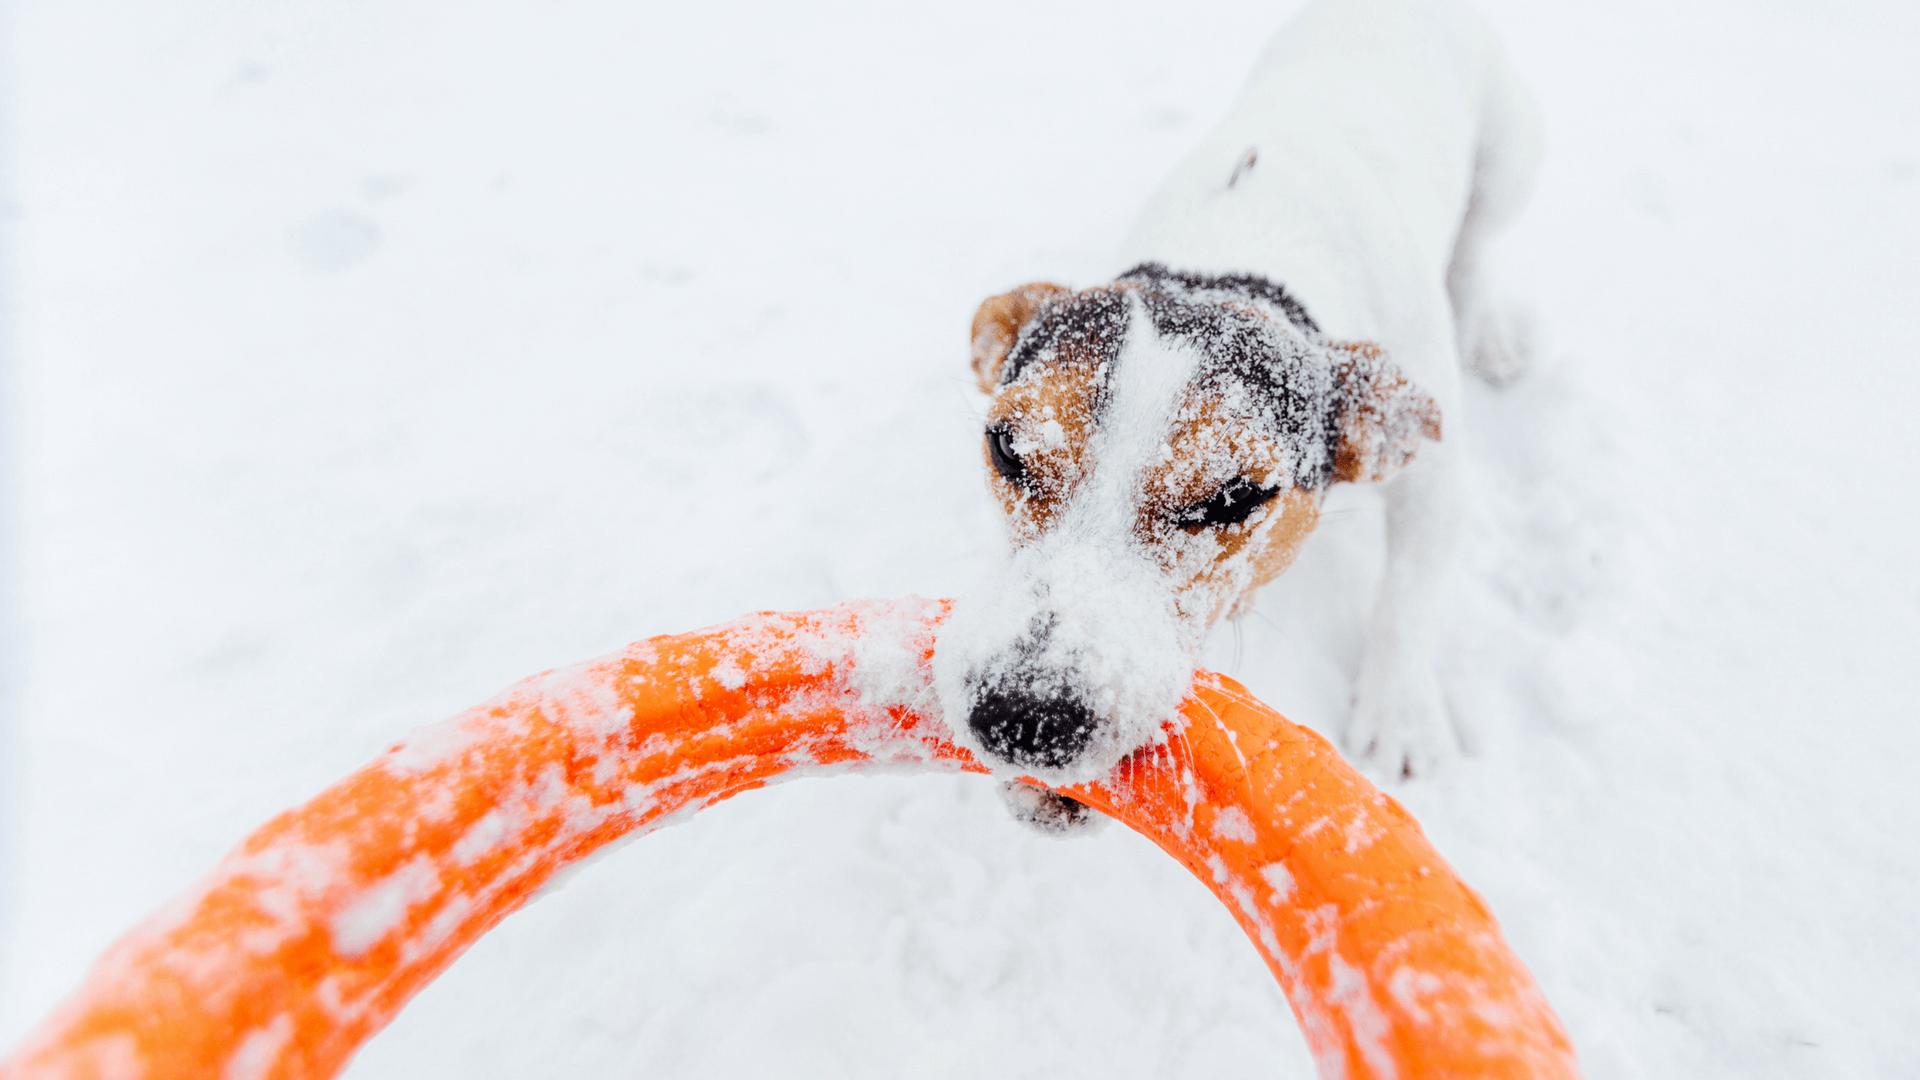 Hund frisst Schnee: Was kann passieren? | Tractive